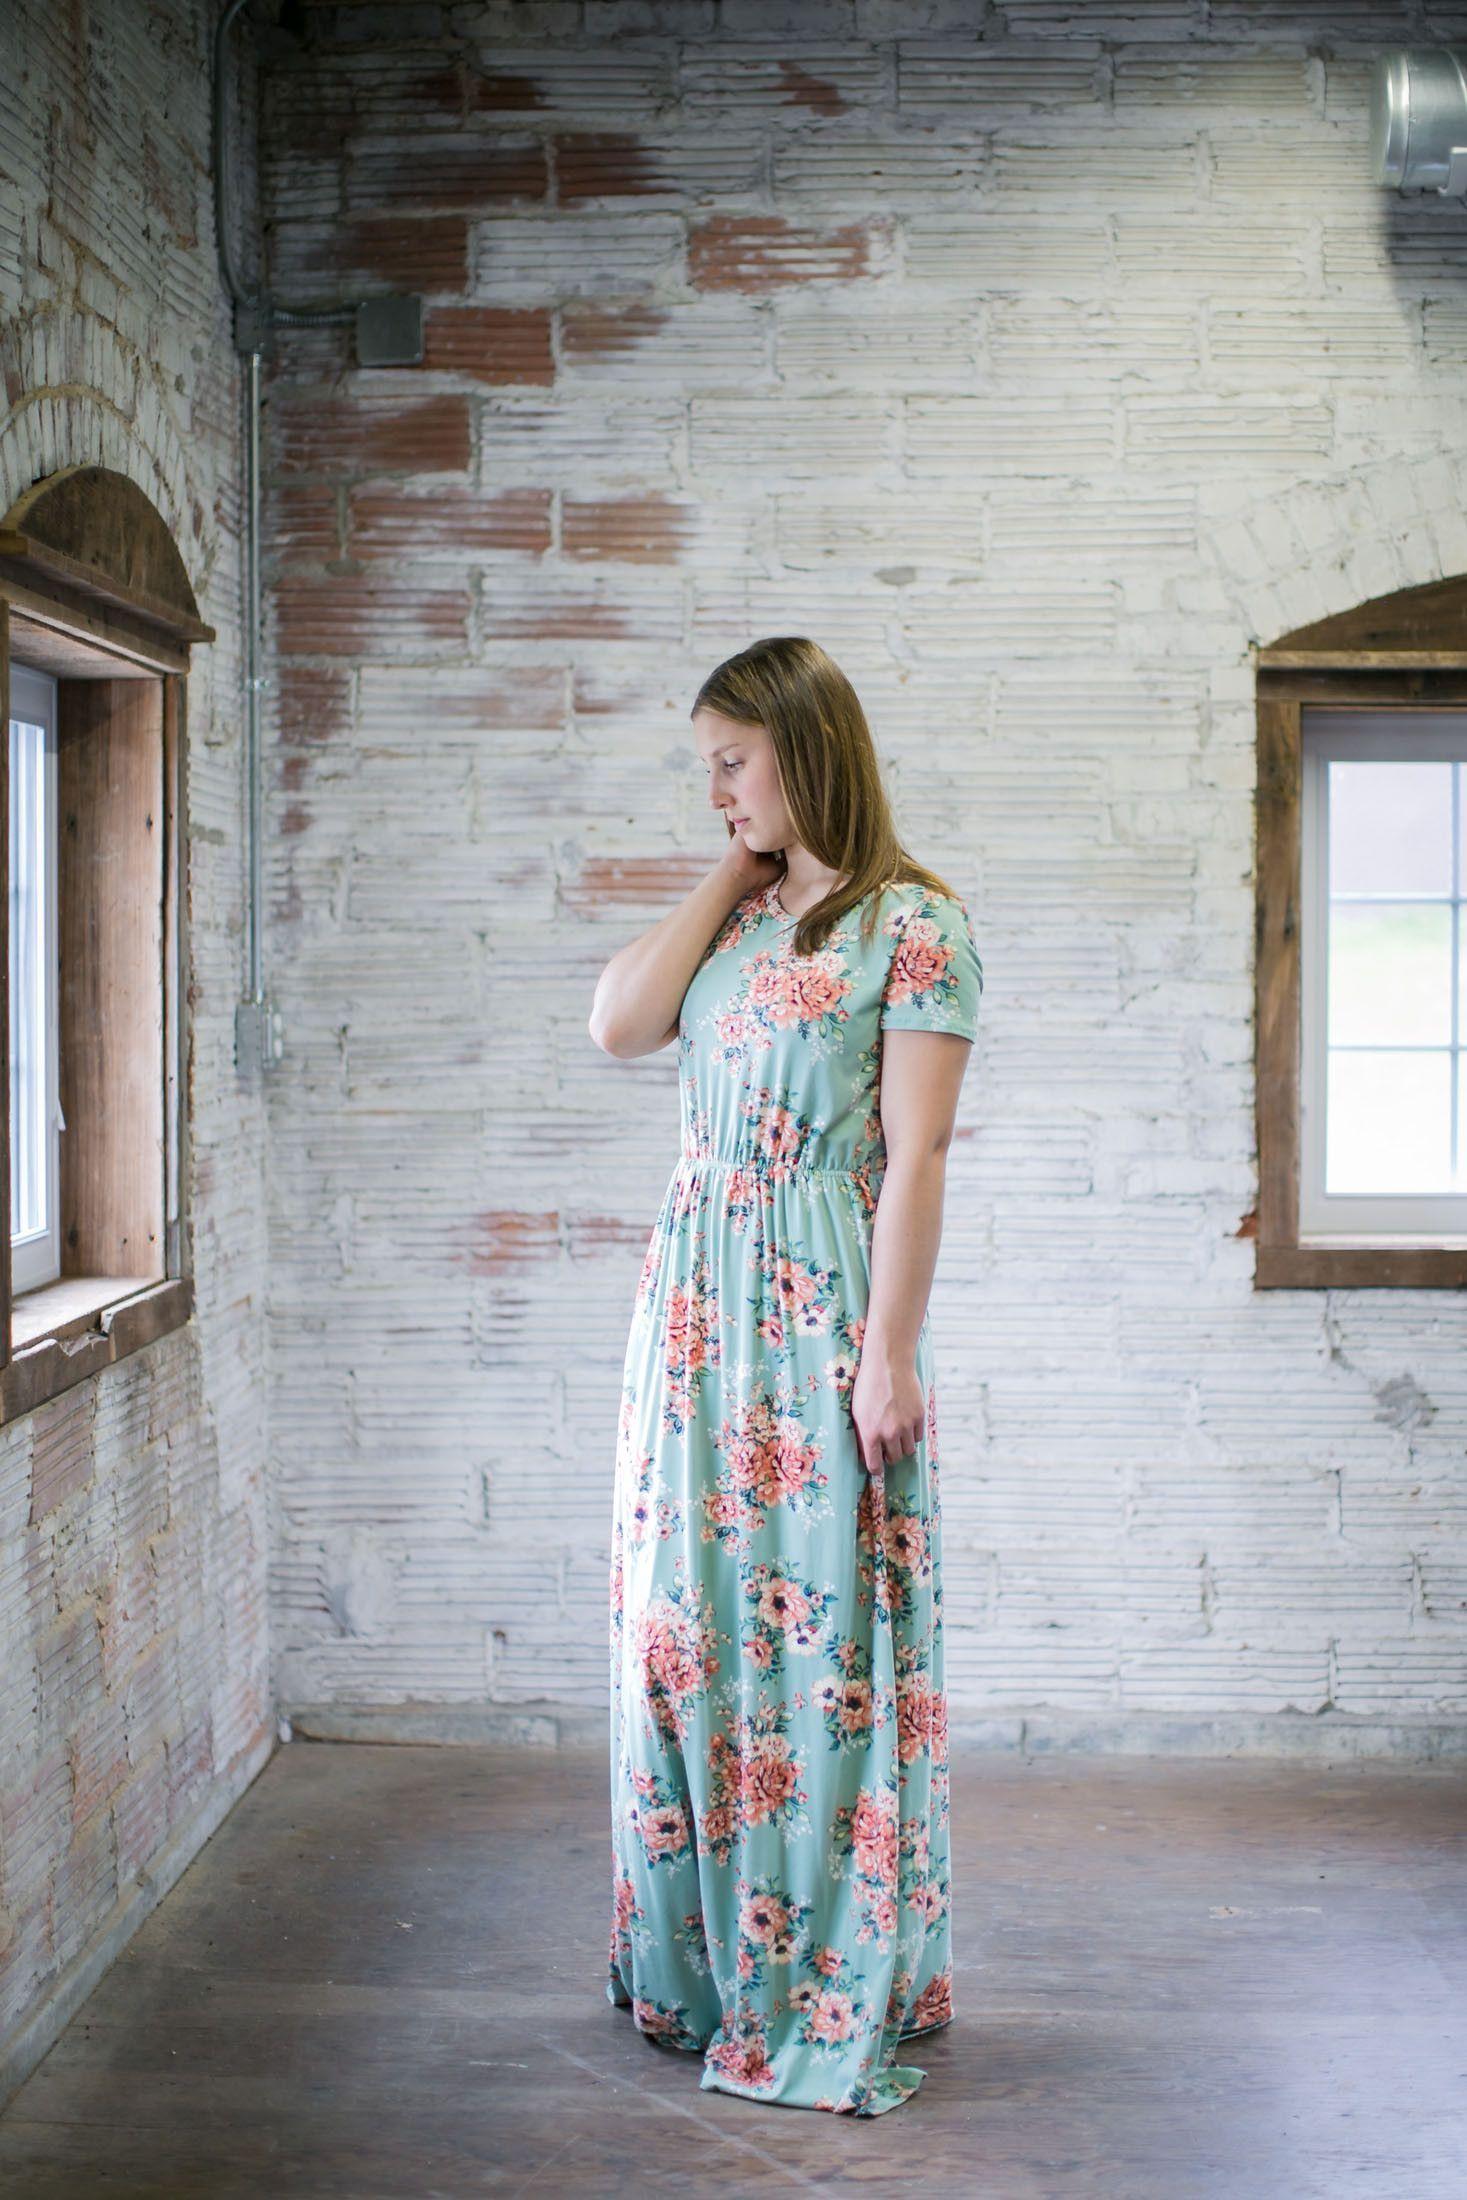 Ashleyu short sleeve floral modest maxi dress modest maxi dress